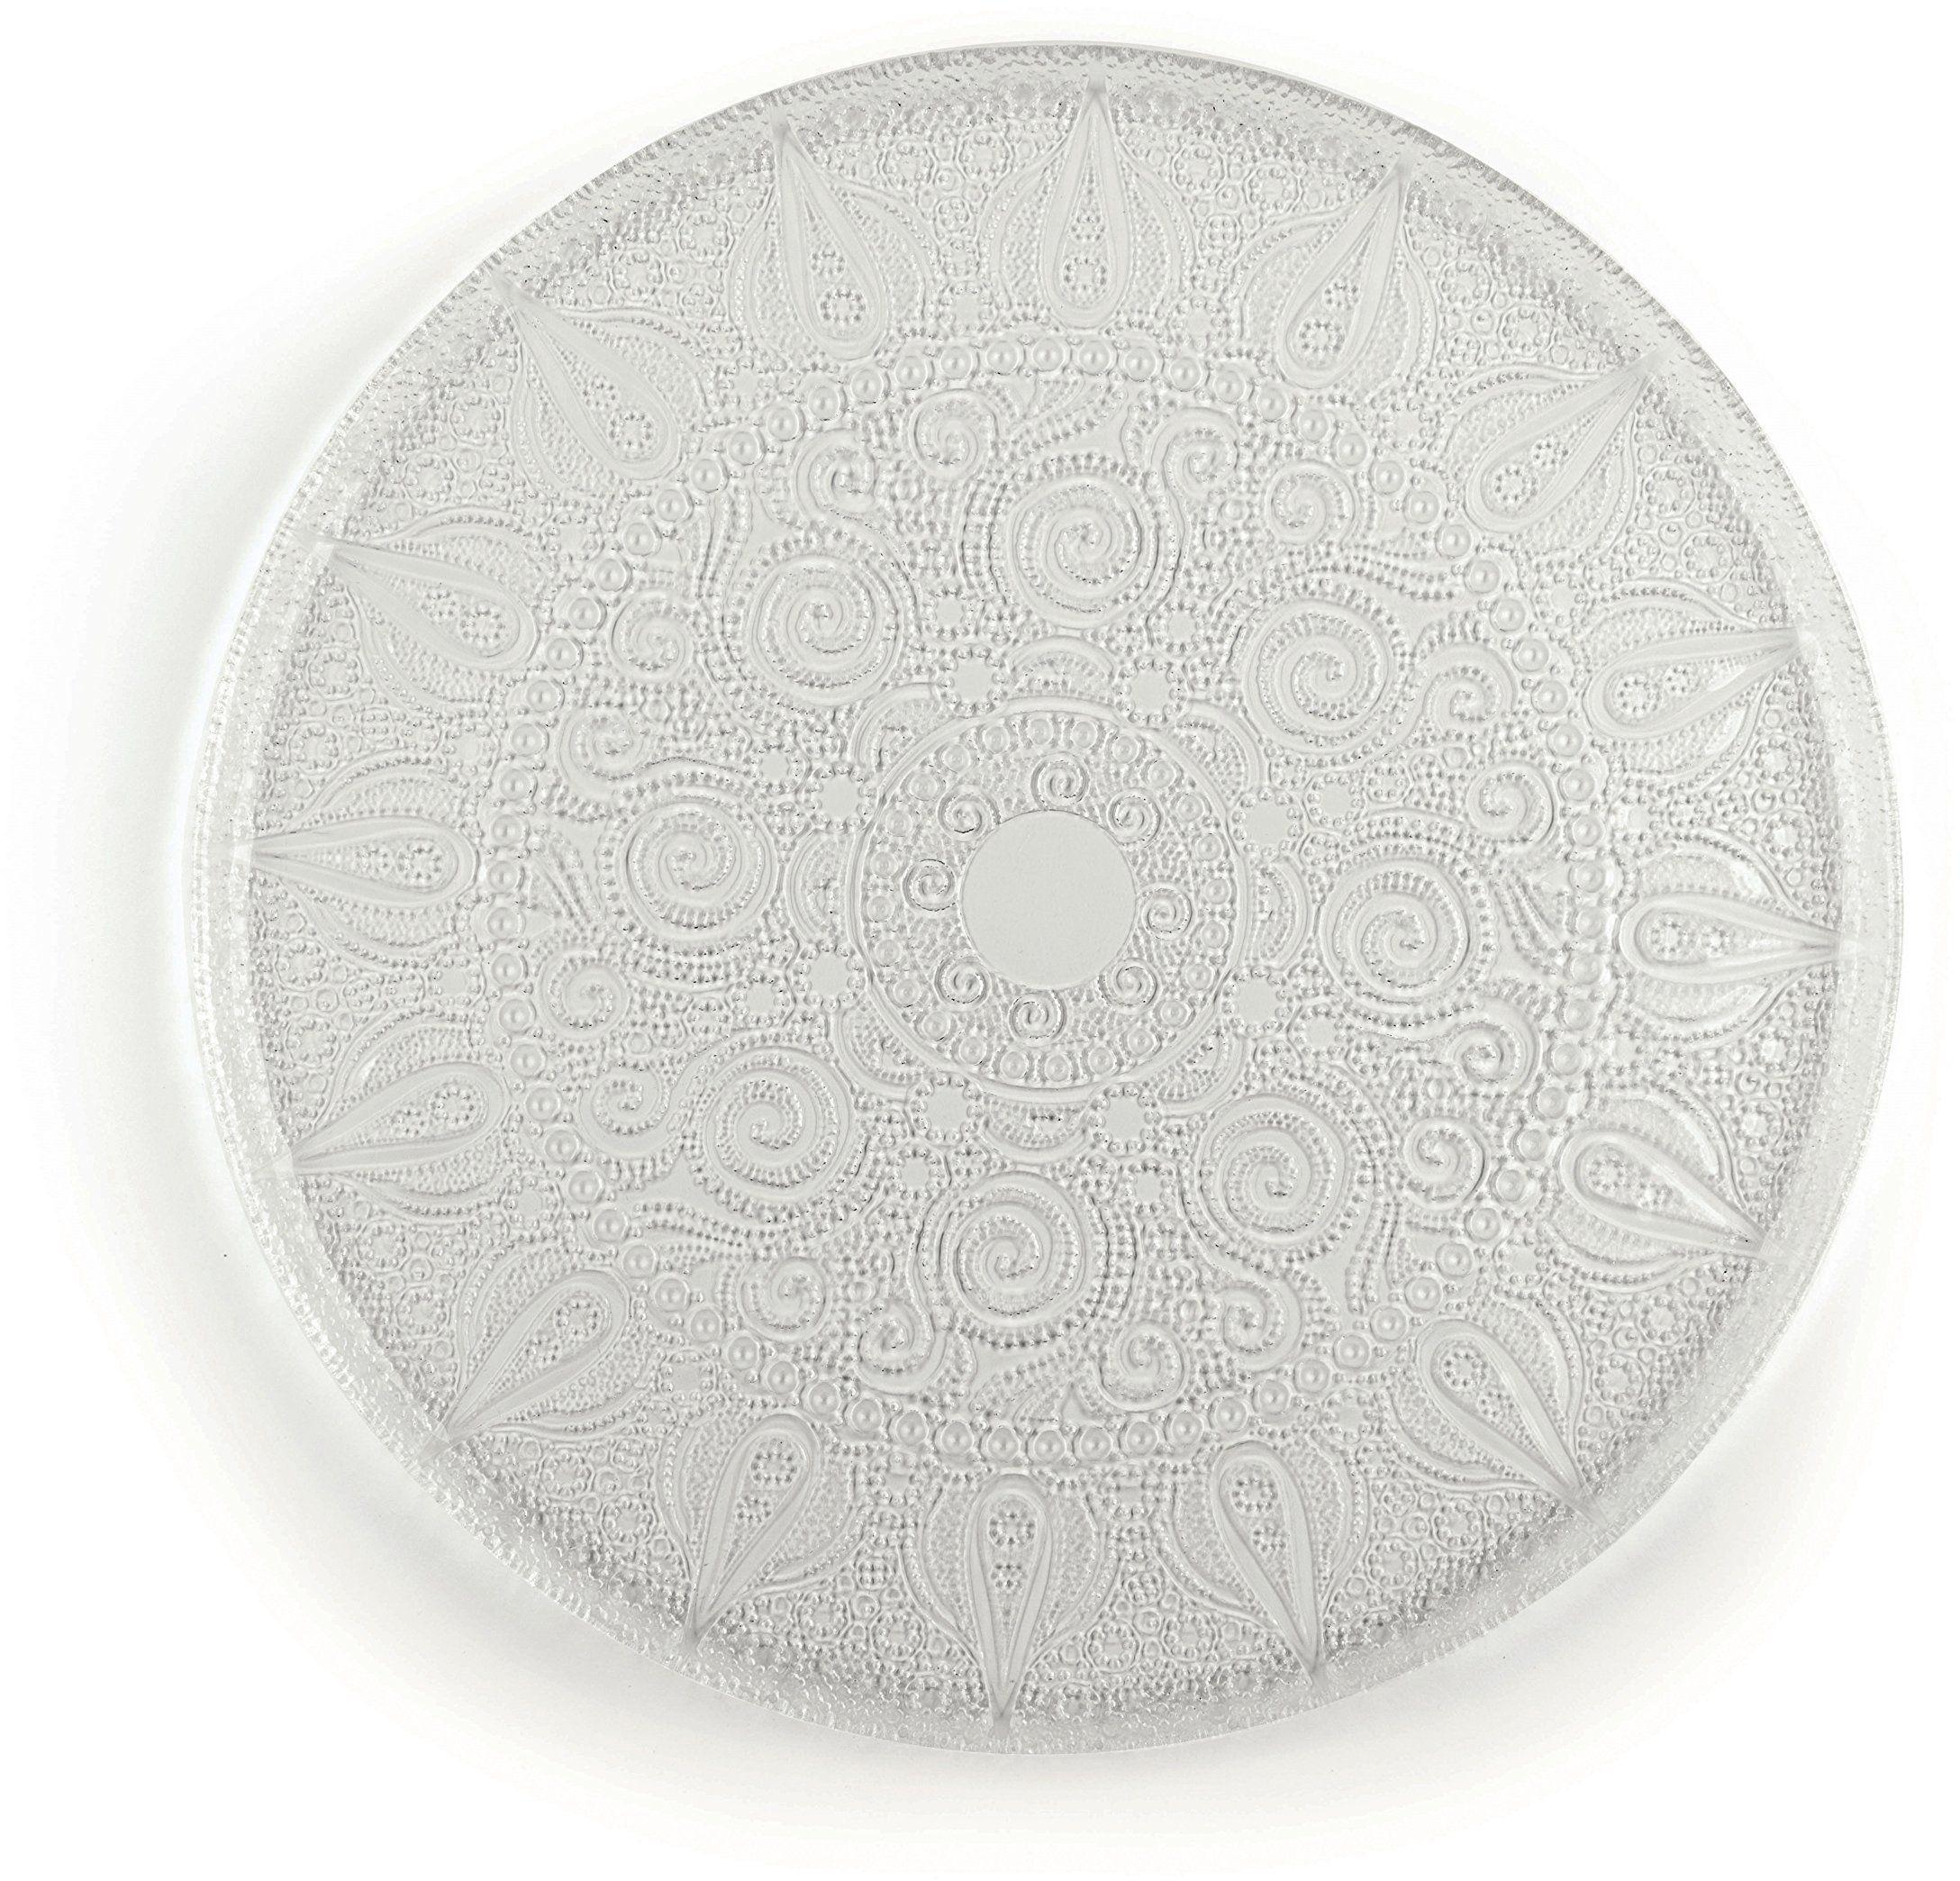 Excelsa talerz arabeskowy do serwowania, szkło, przezroczysty, 38 x 38 x 1 cm